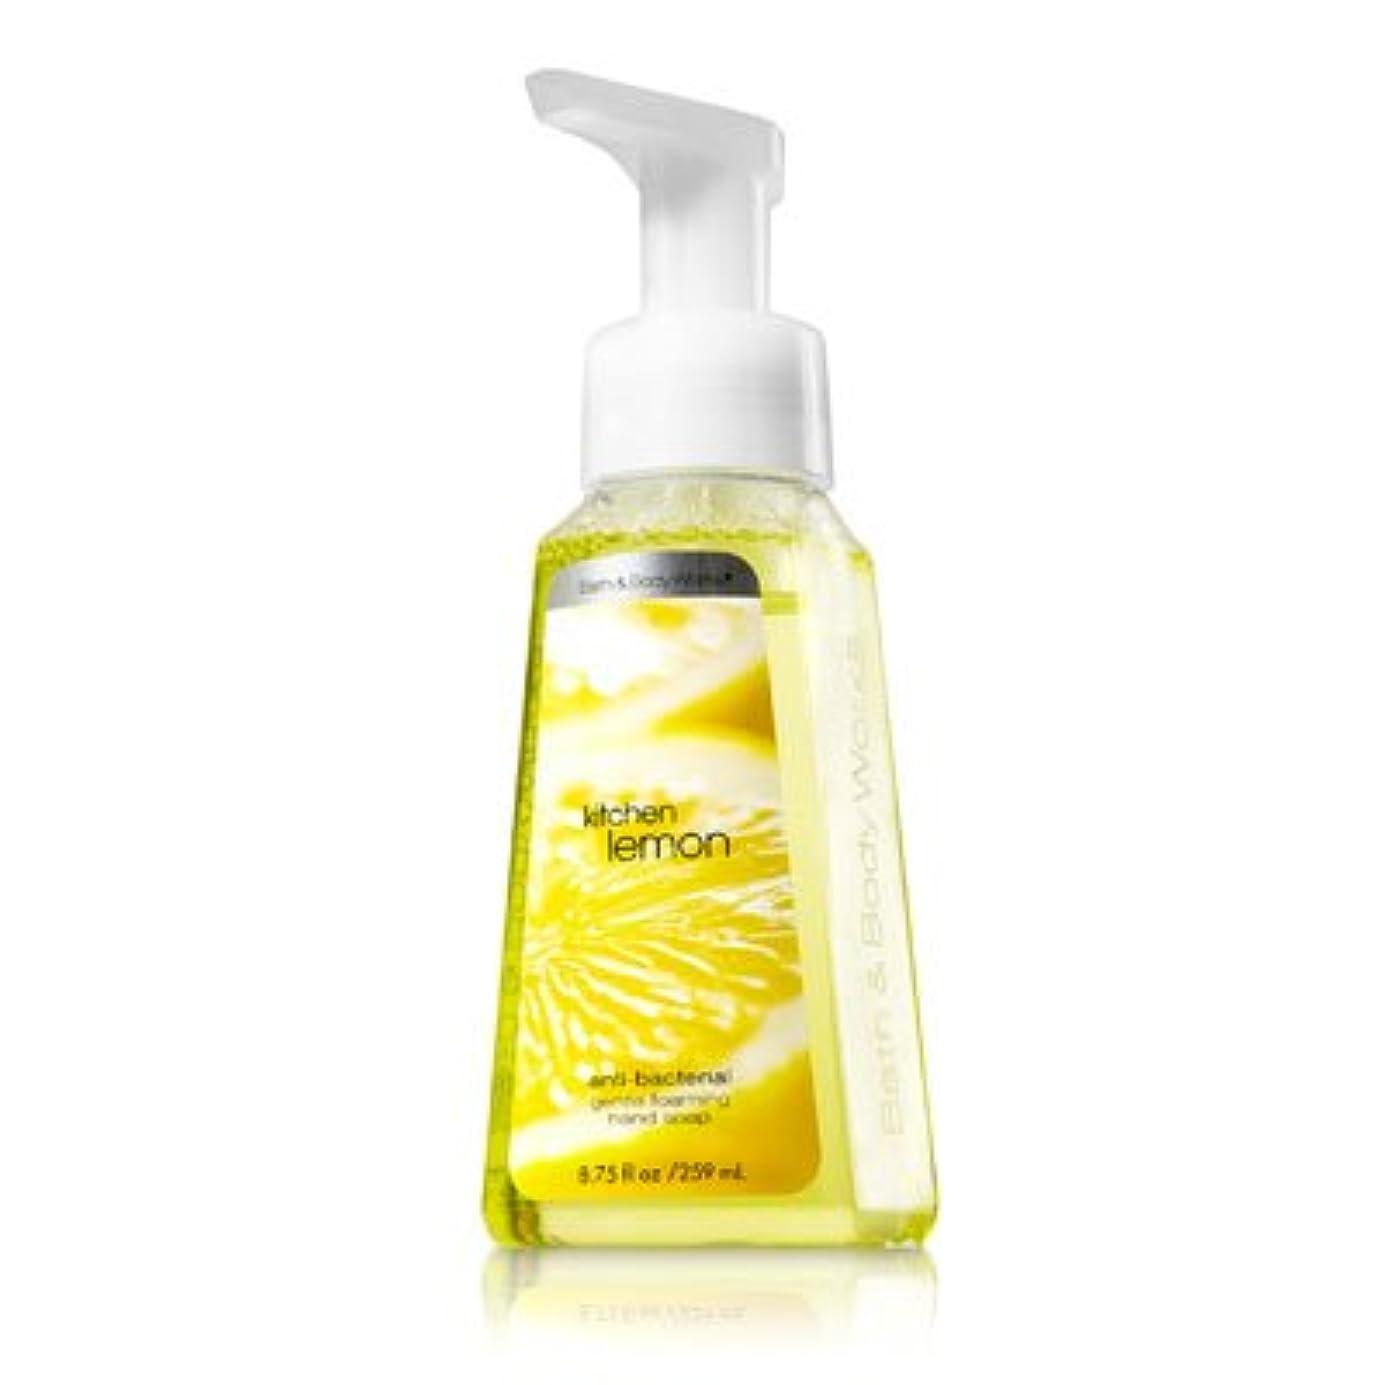 ボスピア対応するバス&ボディワークス キッチンレモン ジェントル フォーミング ハンドソープ Kitchen Lemon Gentle Foaming Hand Soap【並行輸入品】